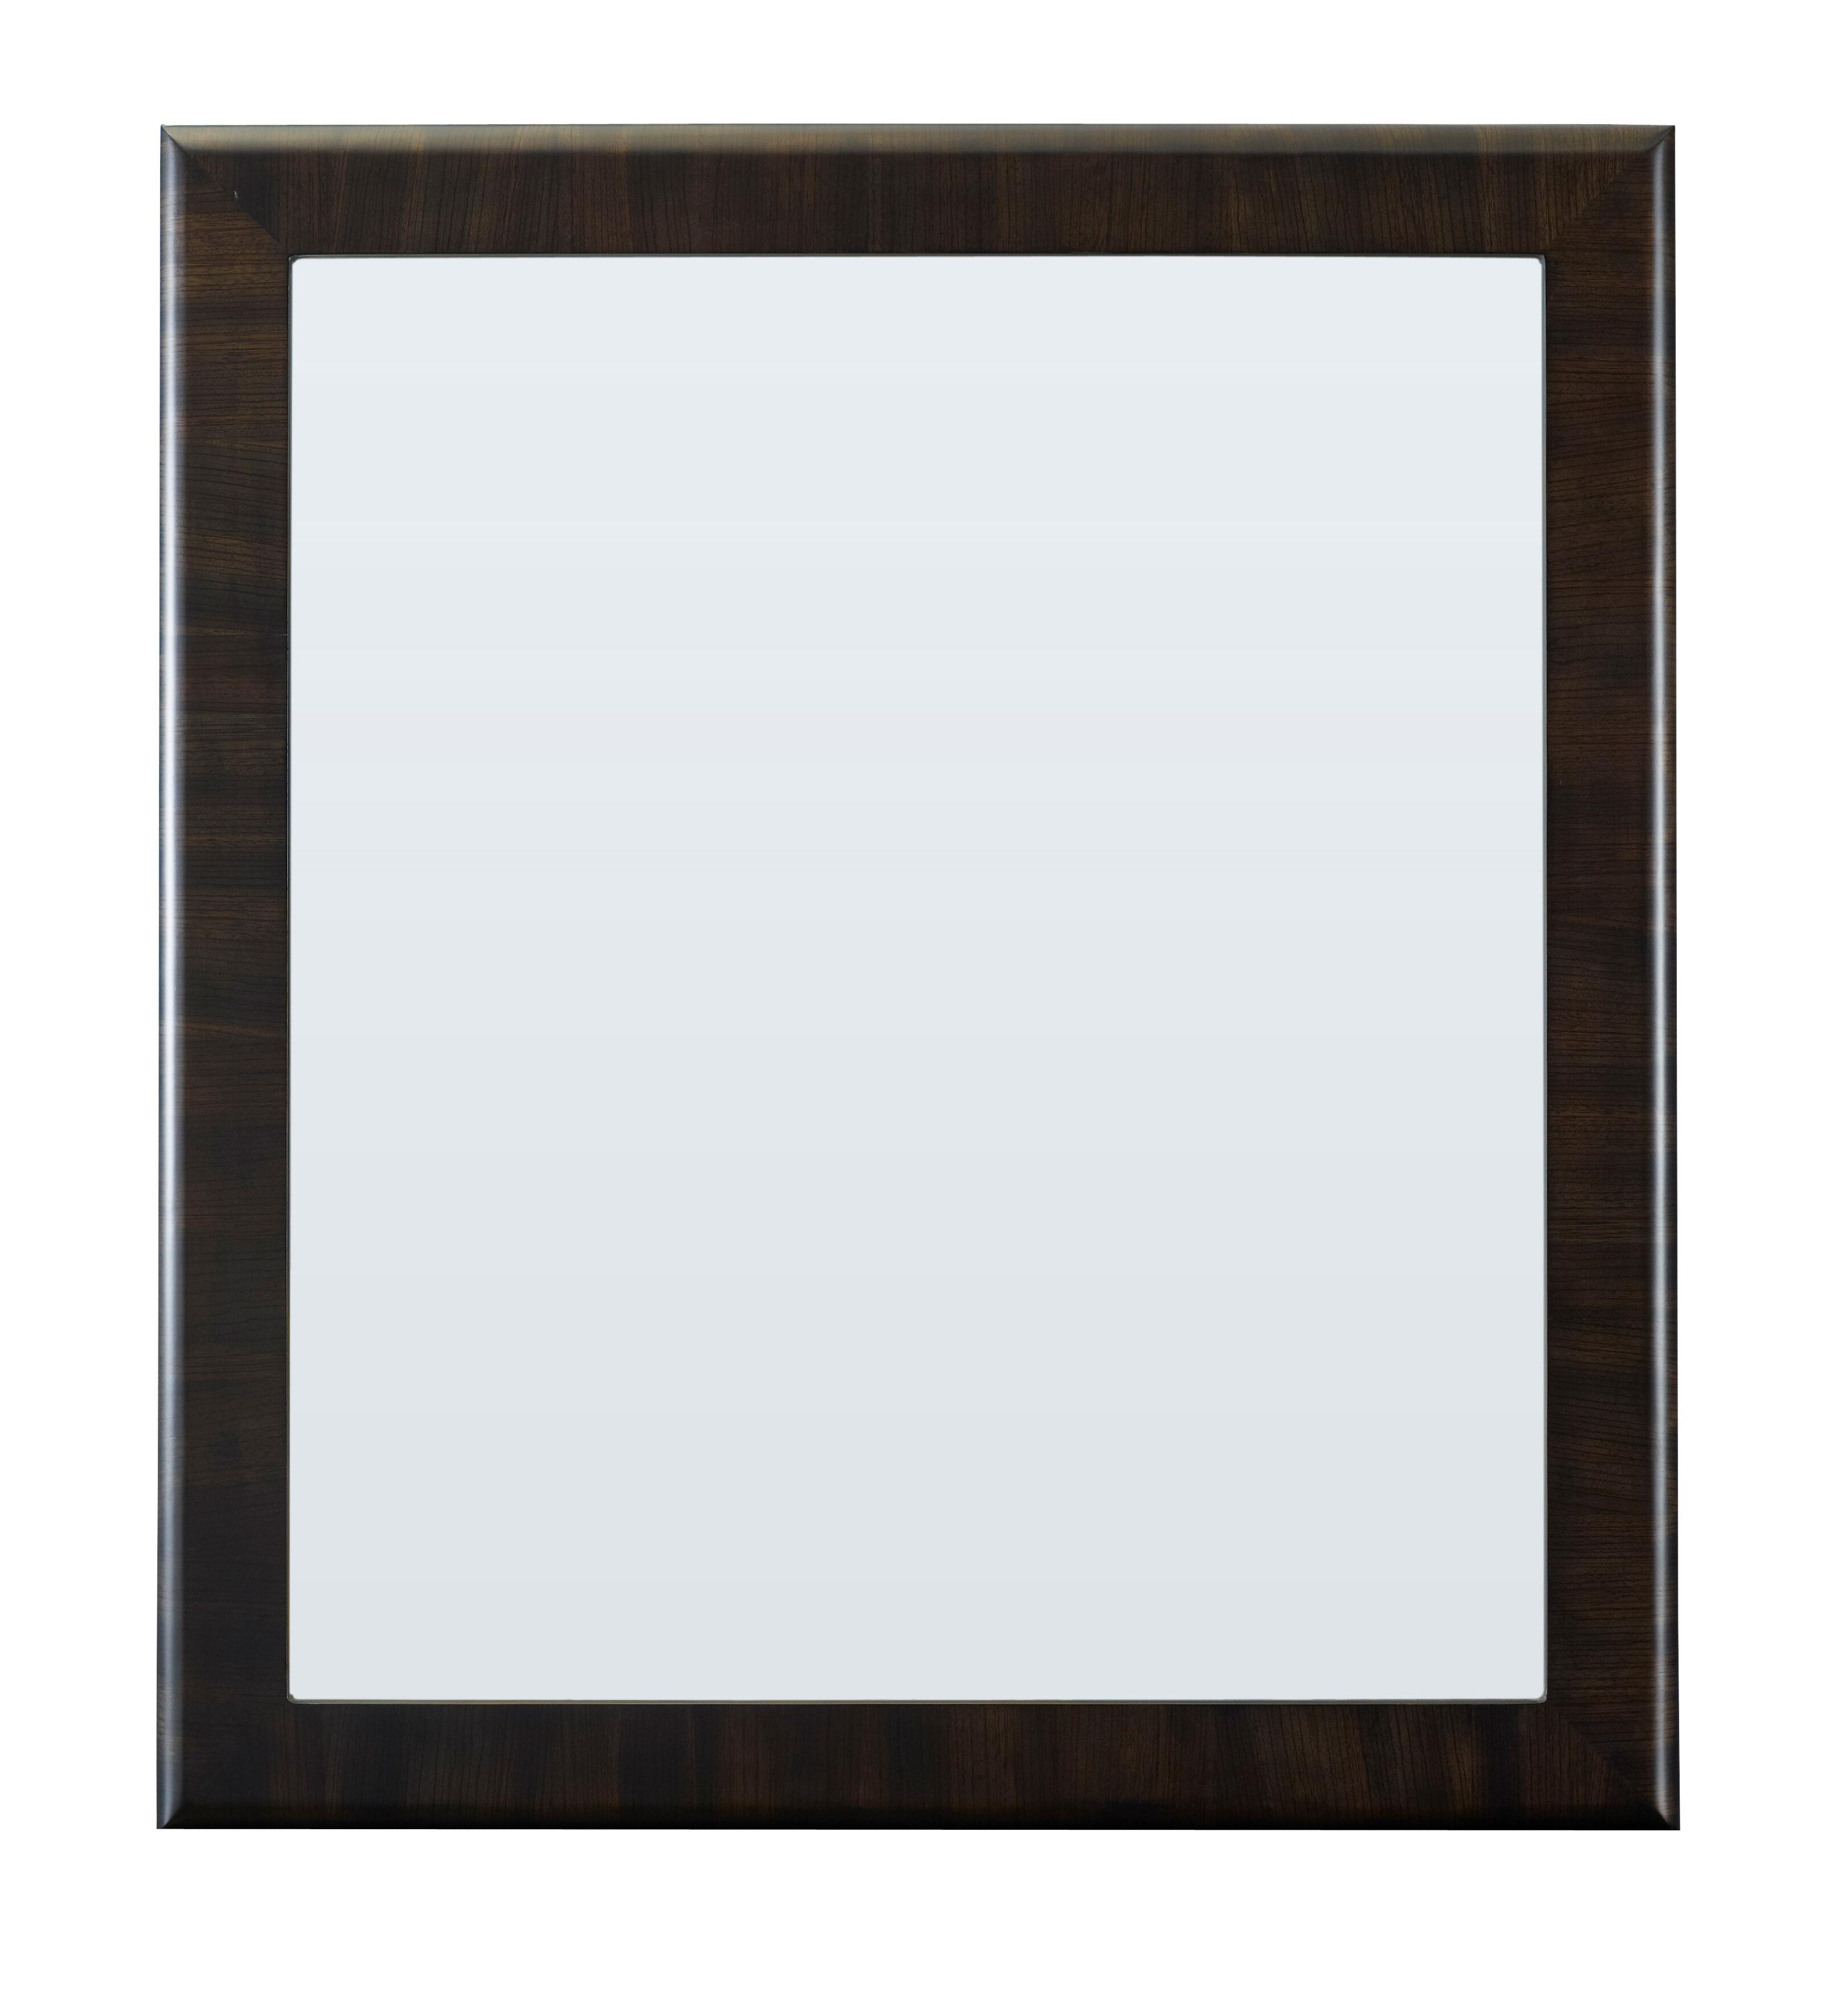 Somerton Novara Mirror - Item Number: 153D93 NOVARA MINELLA